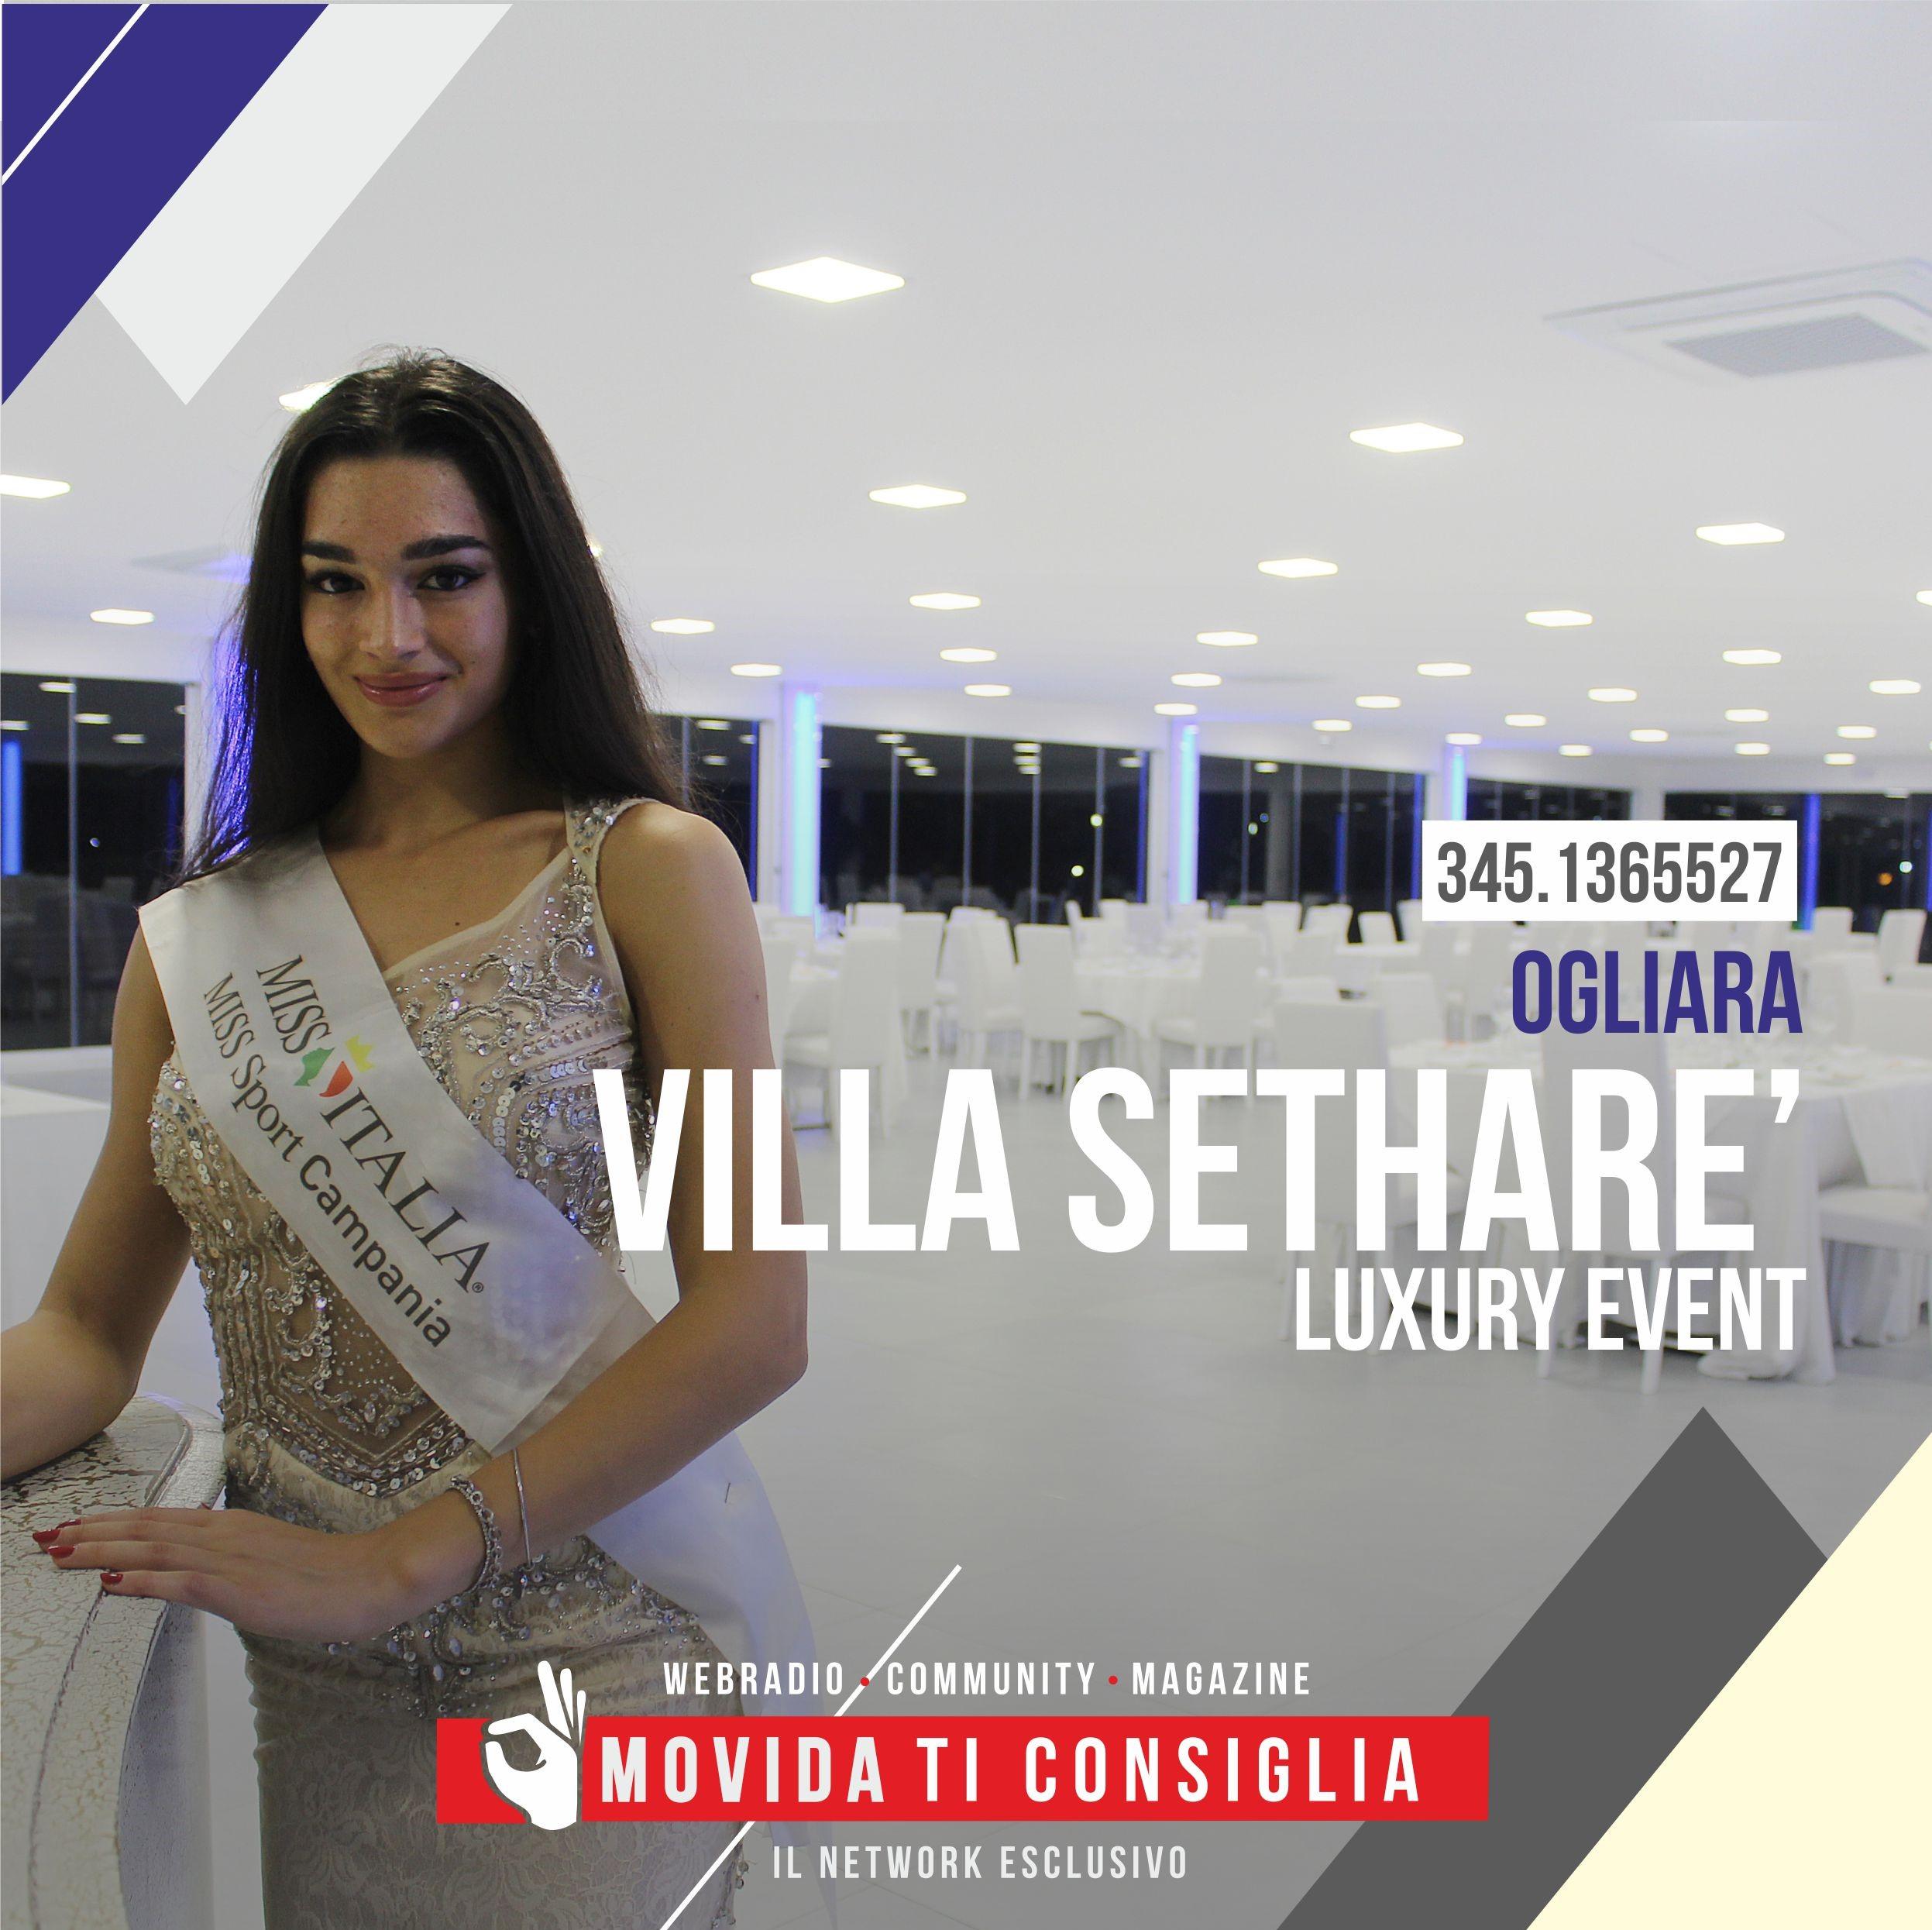 VILLA SETHARE_MOVIDA TI CONSIGLIA